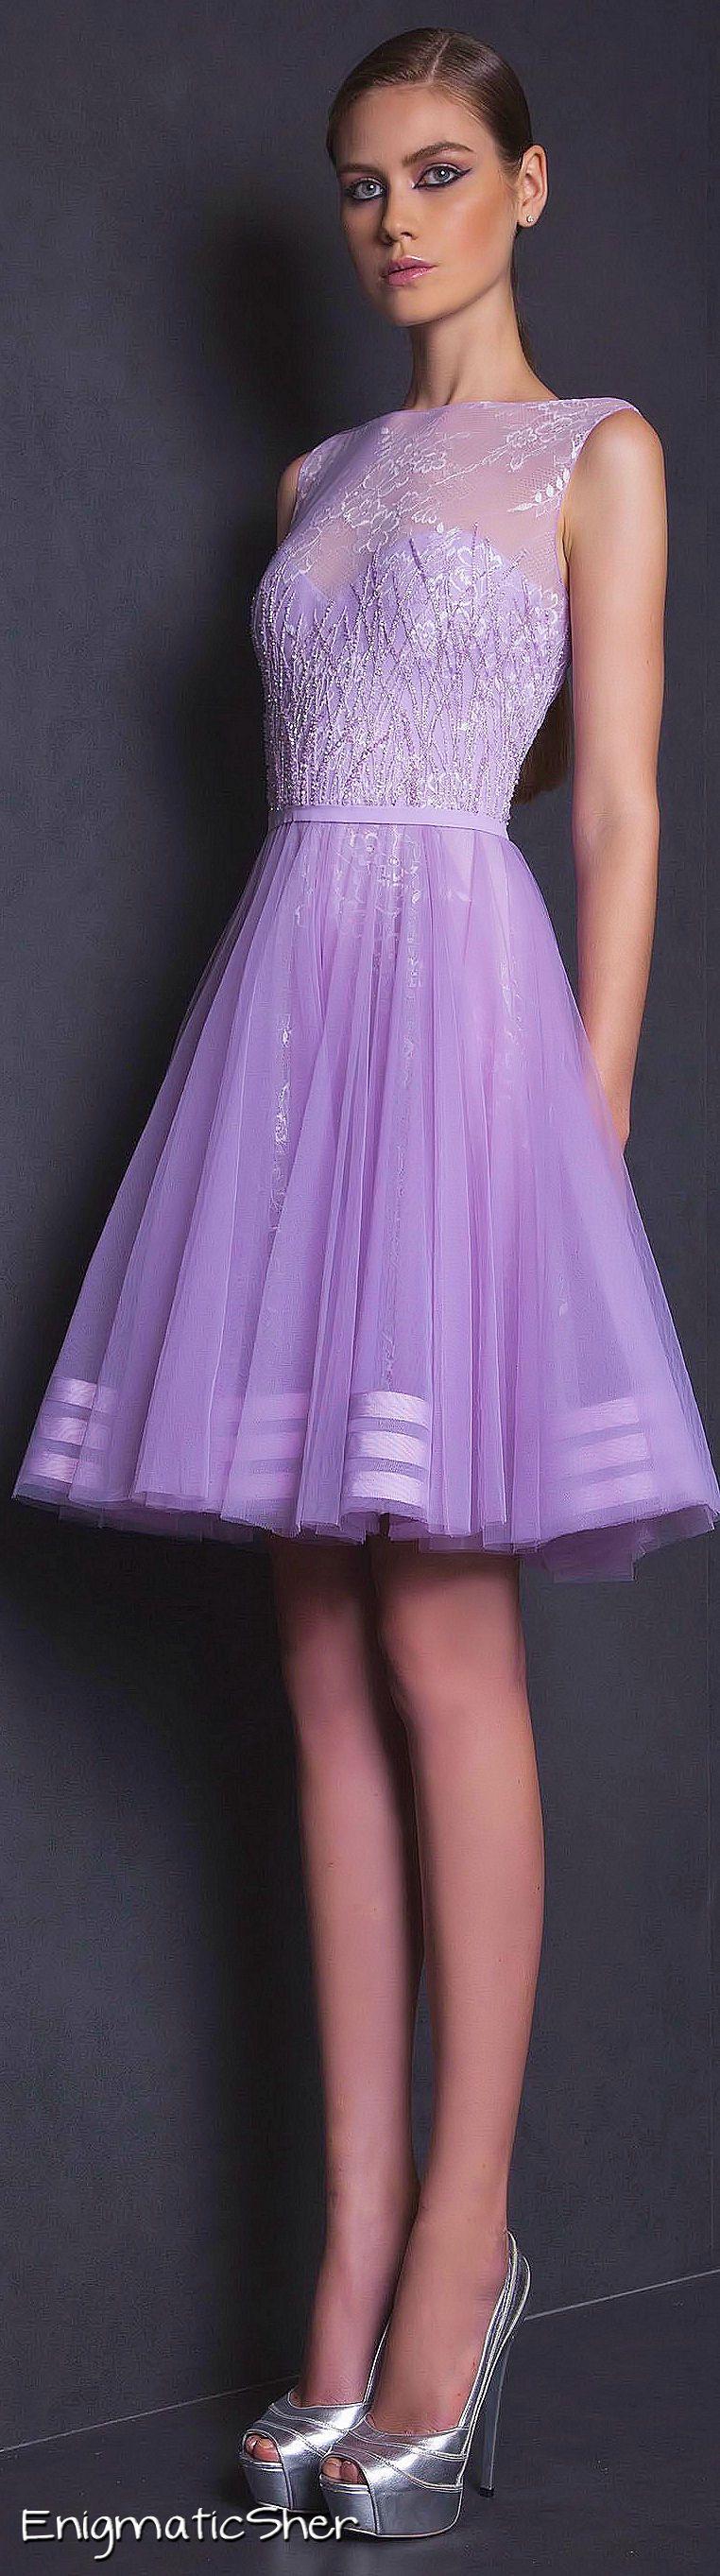 VIOLETA Y PLATEADO....❤ | Vestidos | Pinterest | Vestidos damas de ...